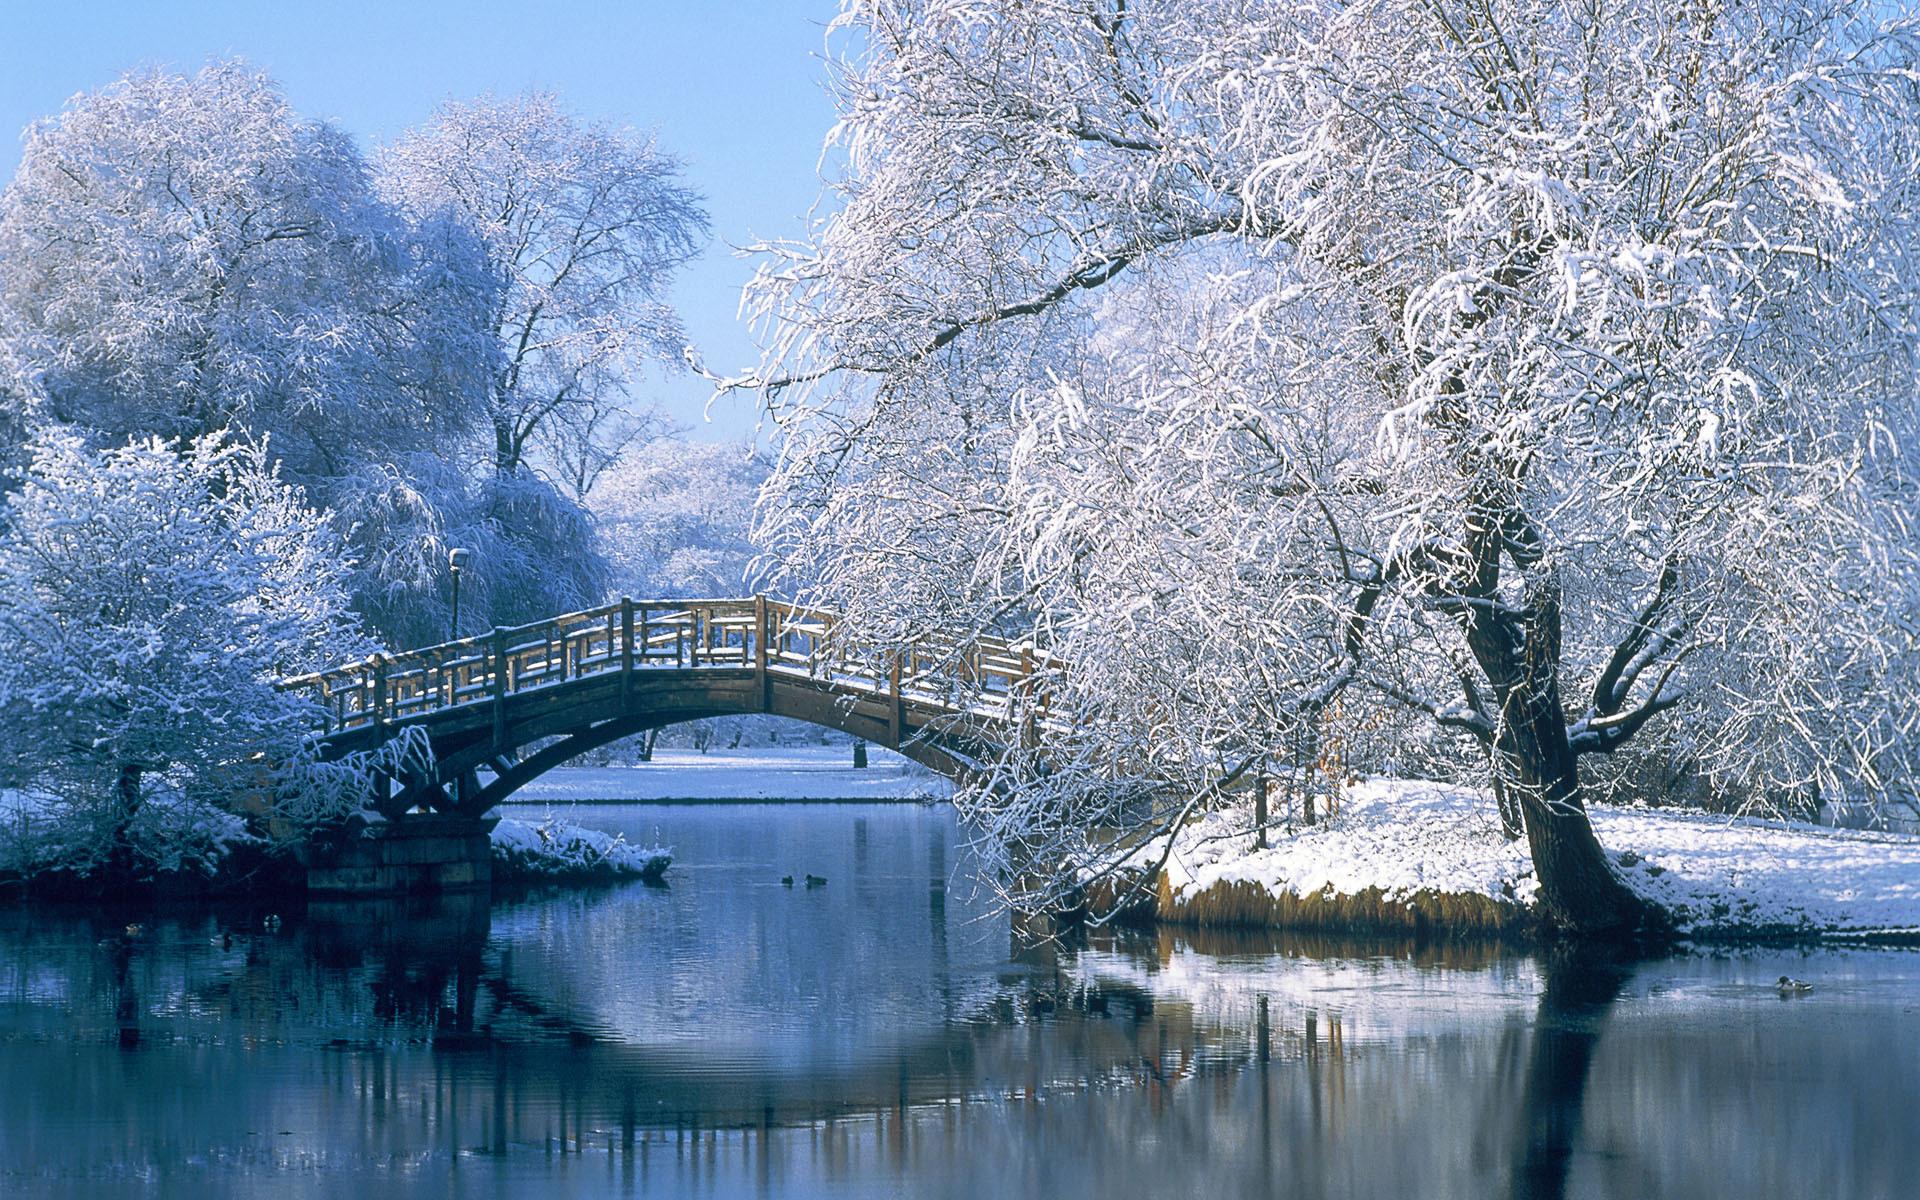 Winter Widescreen